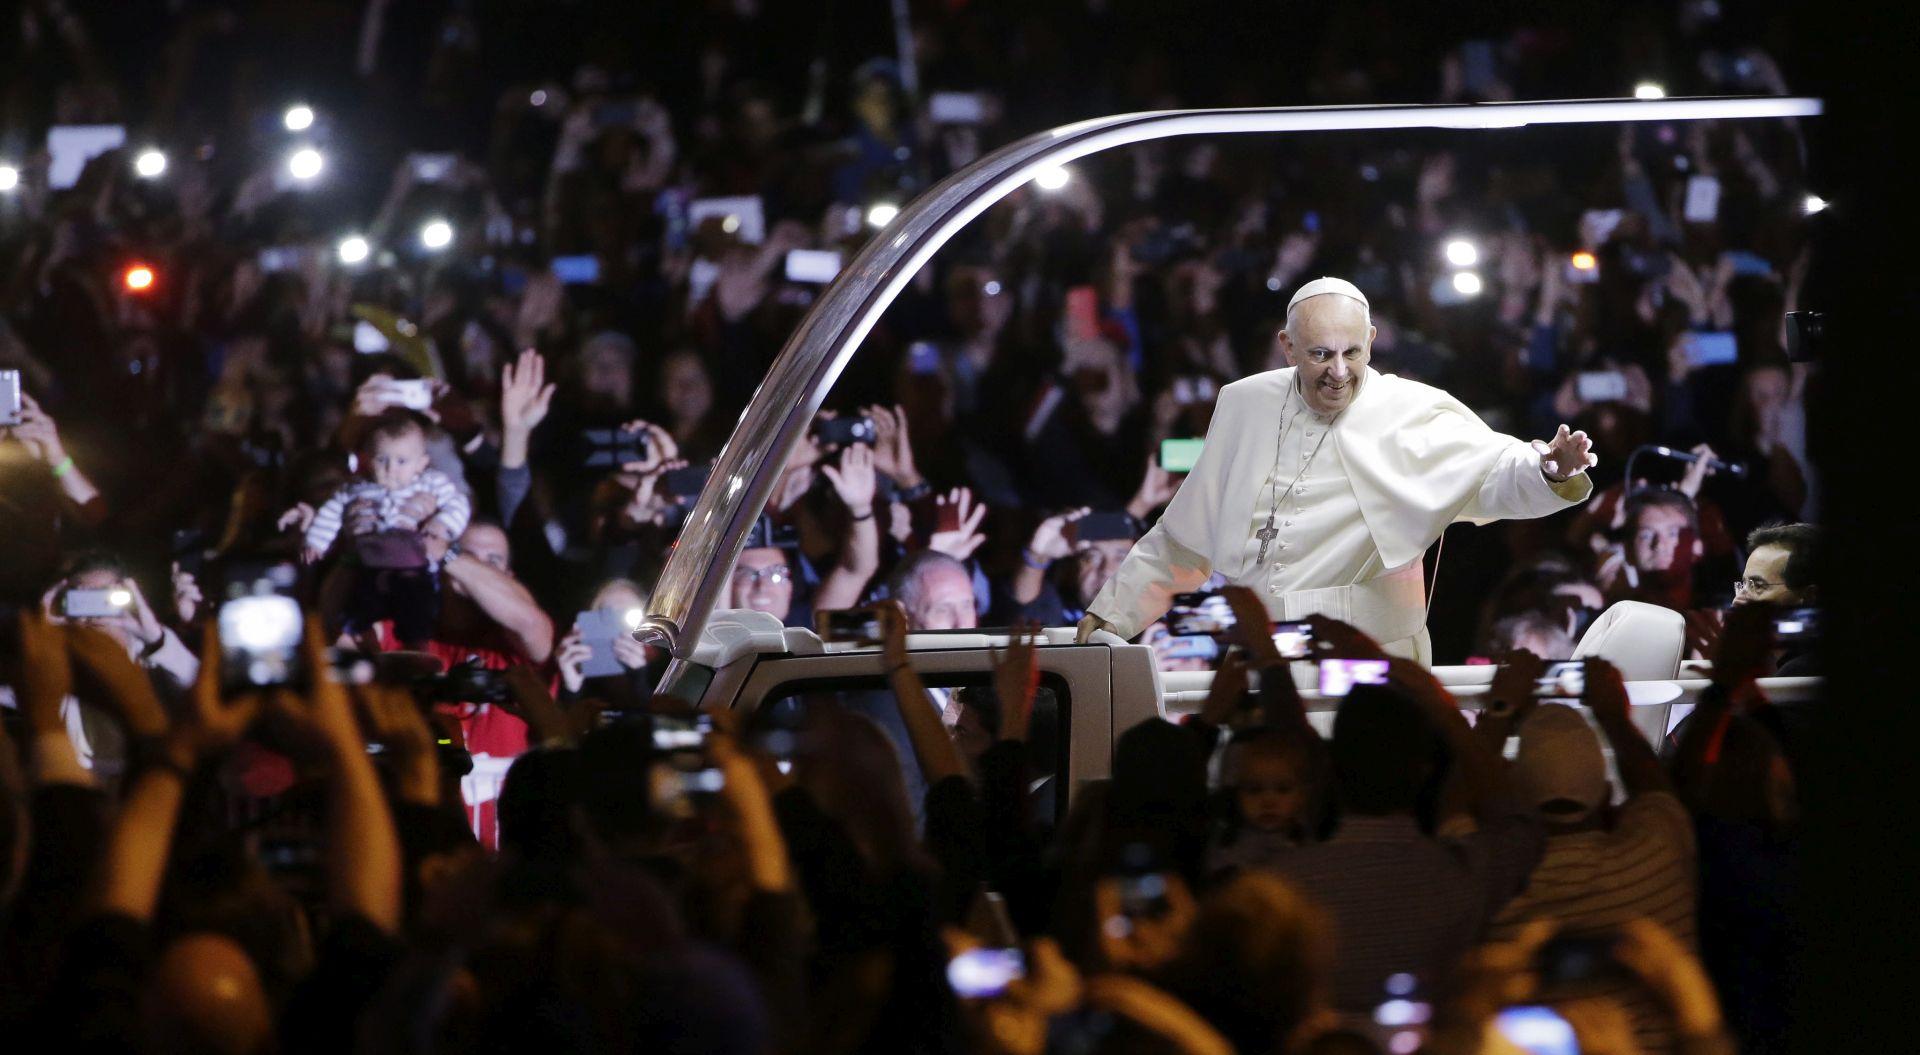 """Papa ne želi biti """"zvijezda"""": """"Zvijezde su lijepe za gledati, ali Papa mora biti sluga slugama Božjim"""""""